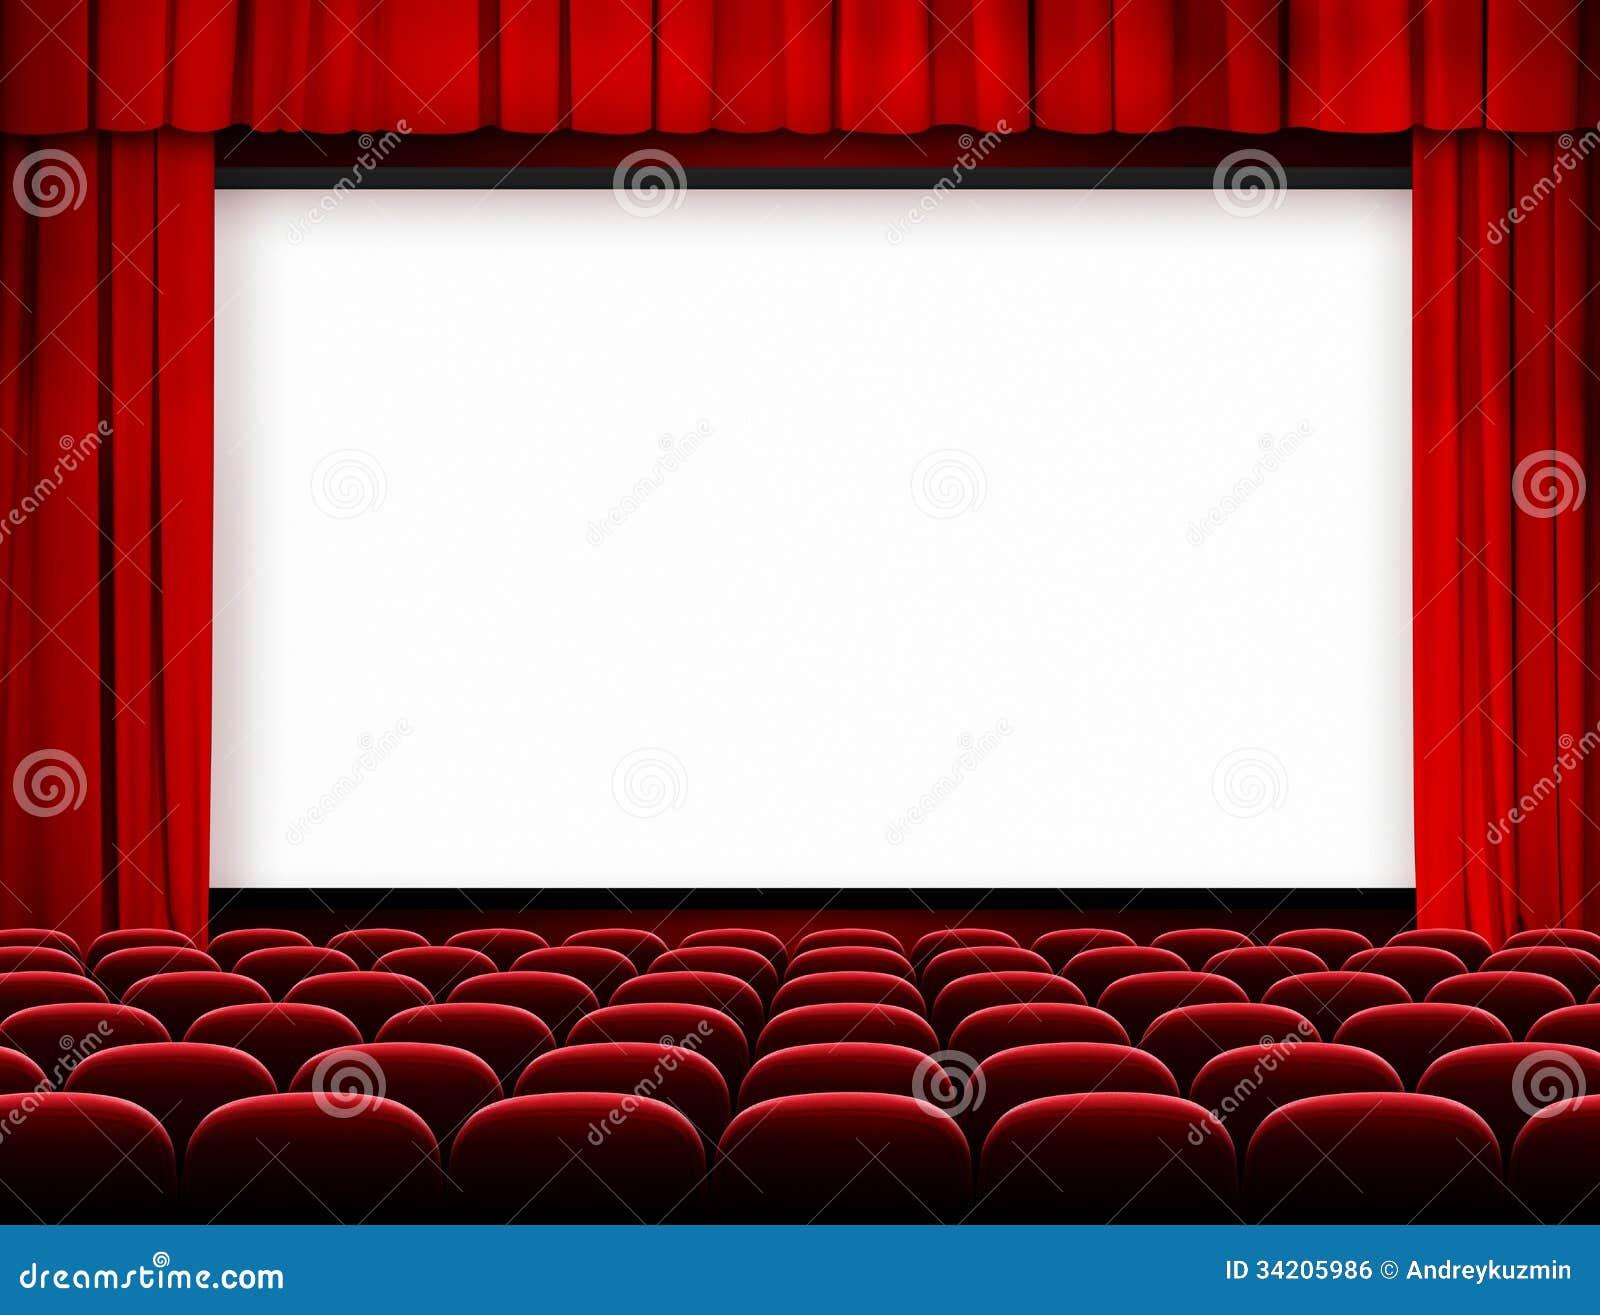 cran de cin ma avec les rideaux et les si ges rouges image libre de droits image 34205986. Black Bedroom Furniture Sets. Home Design Ideas